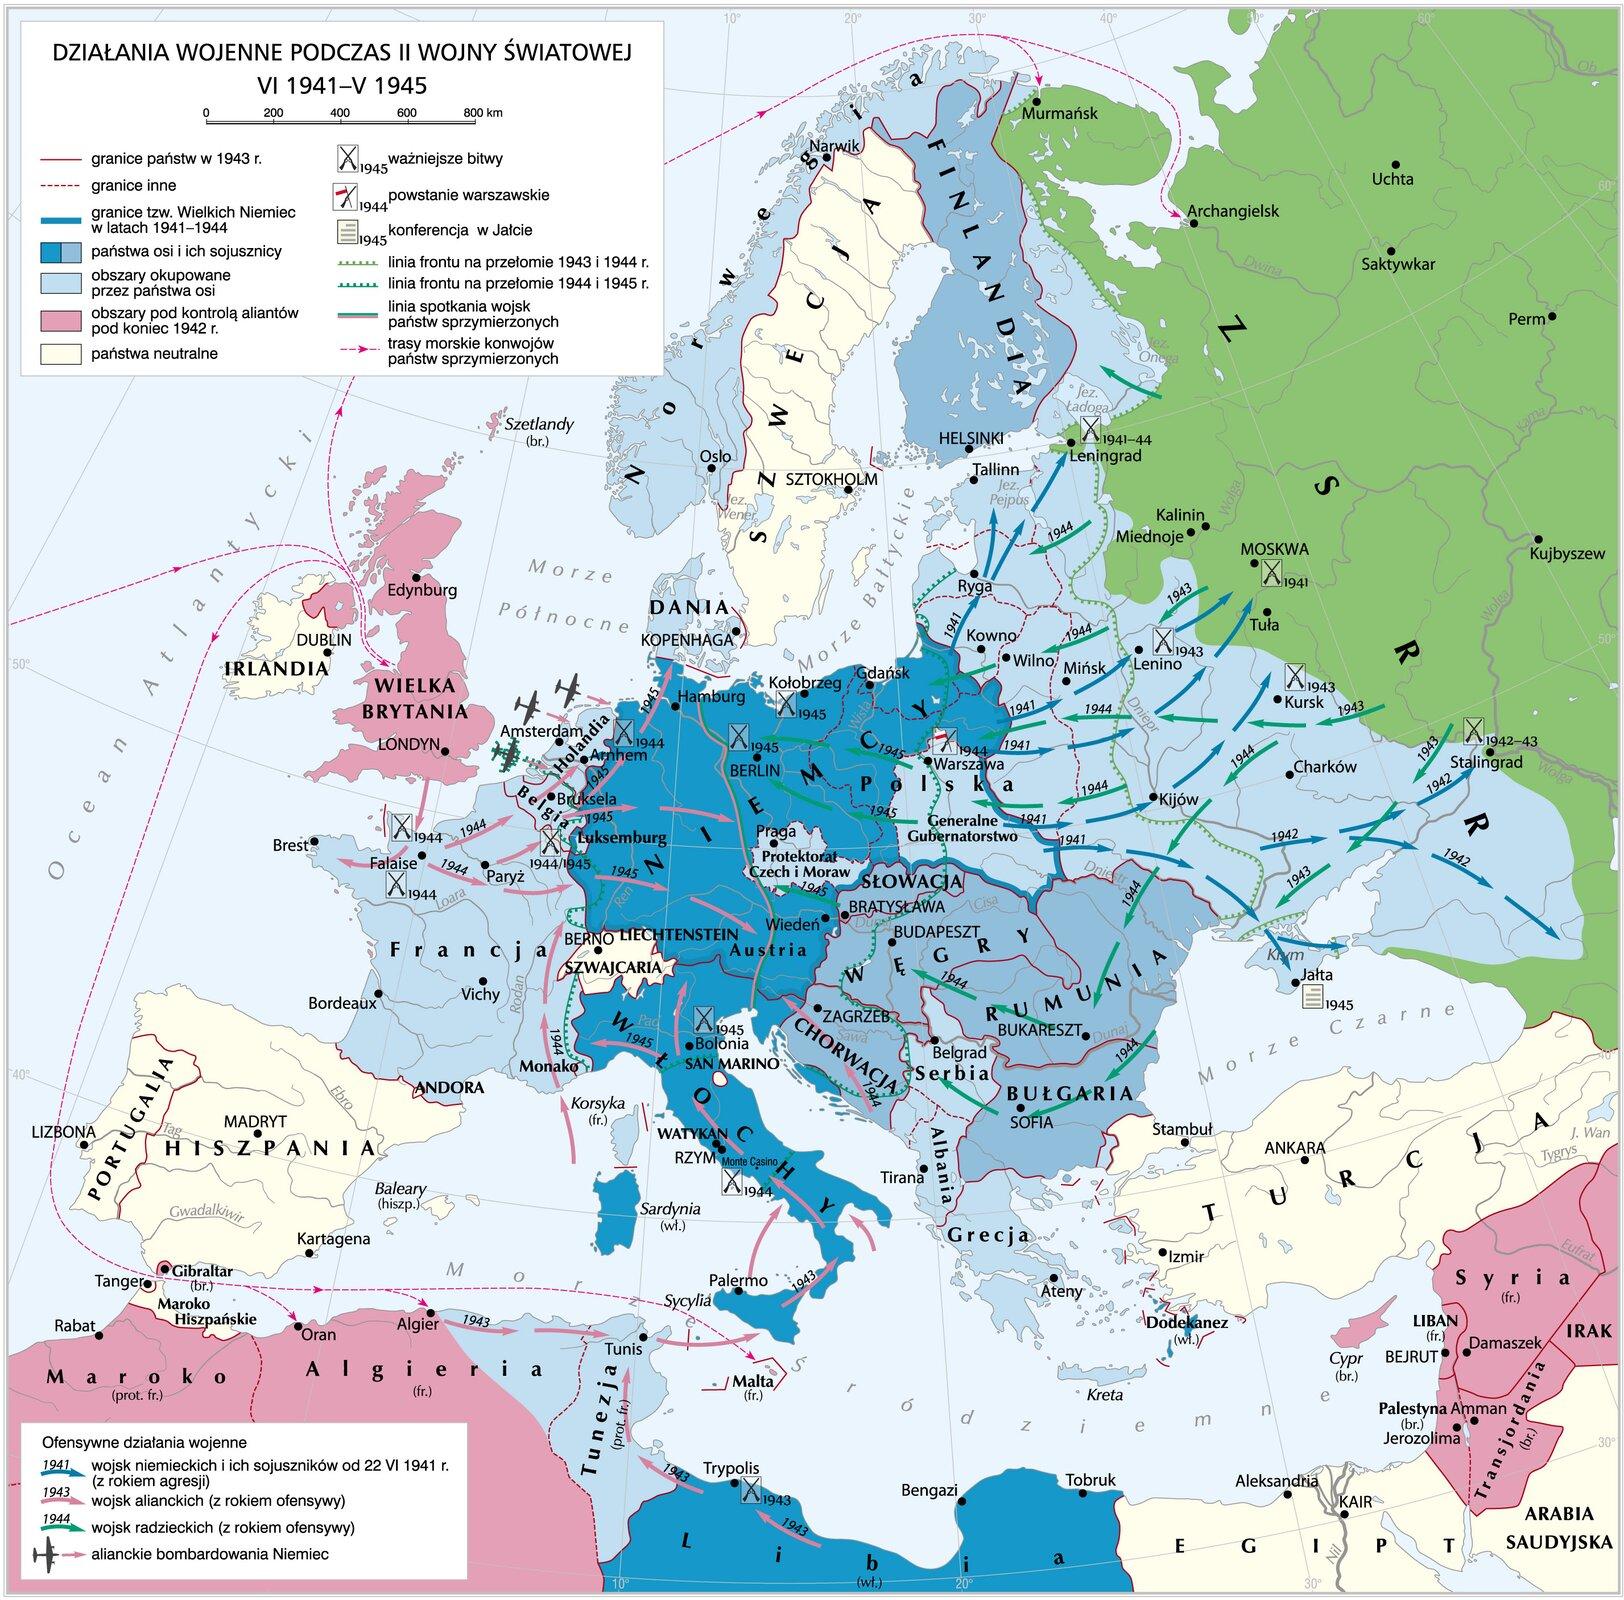 Działania wojenne podczas II wojny światowej odVI 1941 do V1945 Działania wojenne podczas II wojny światowej odVI 1941 do V1945 Źródło: Krystian Chariza izespół, licencja: CC BY 4.0.